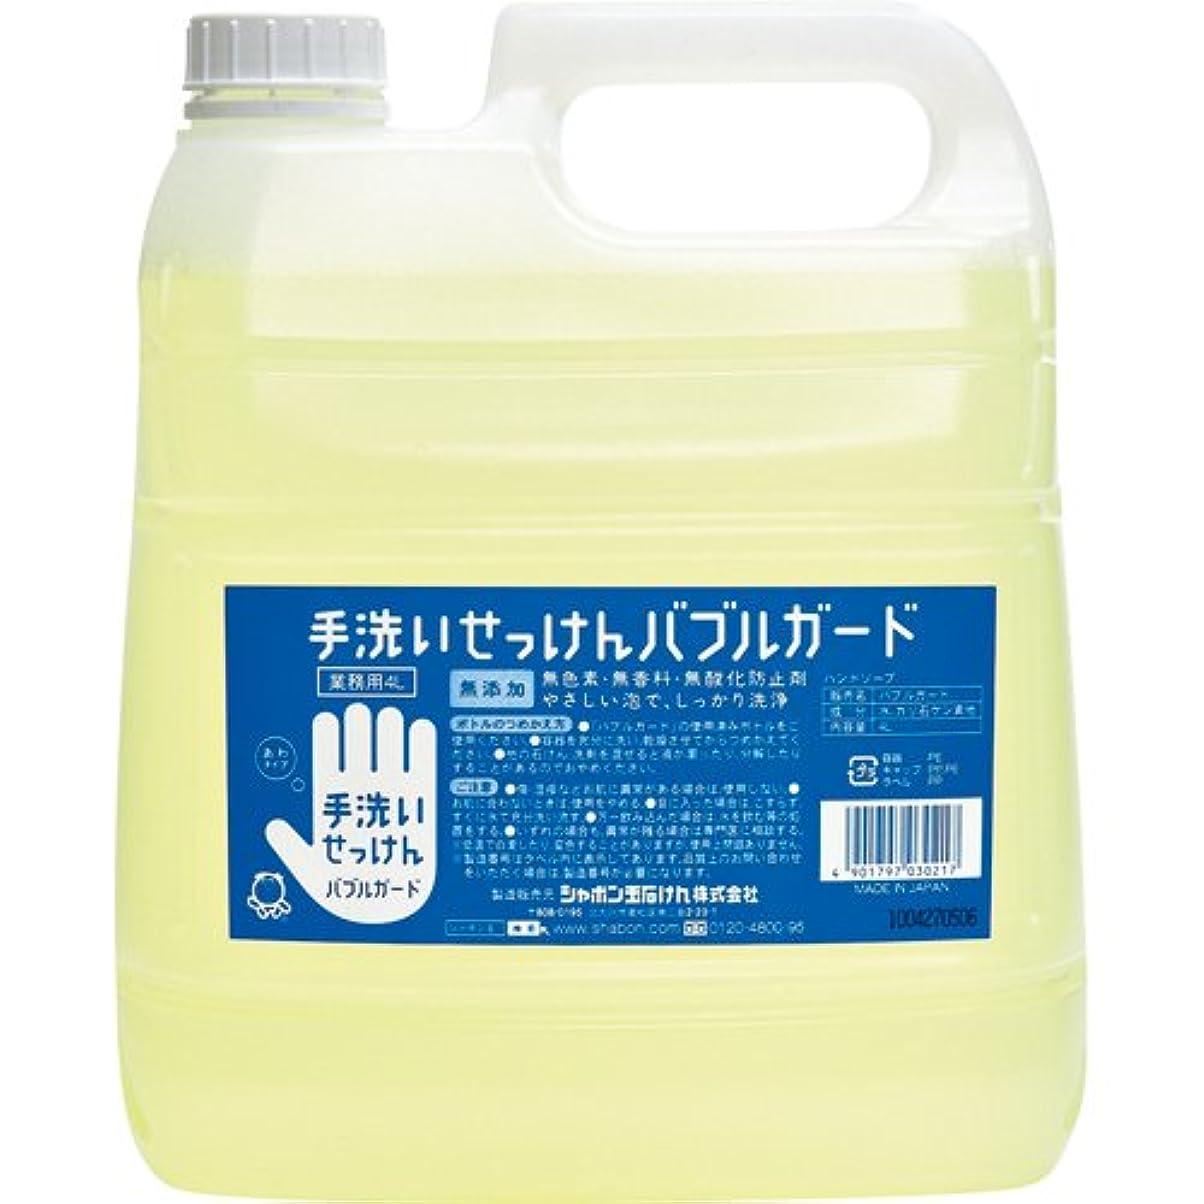 電気アクセスできないチキン[シャボン玉石けん 1692542] (ケア商品)手洗いせっけん バブルガード 泡タイプ 業務用 4L